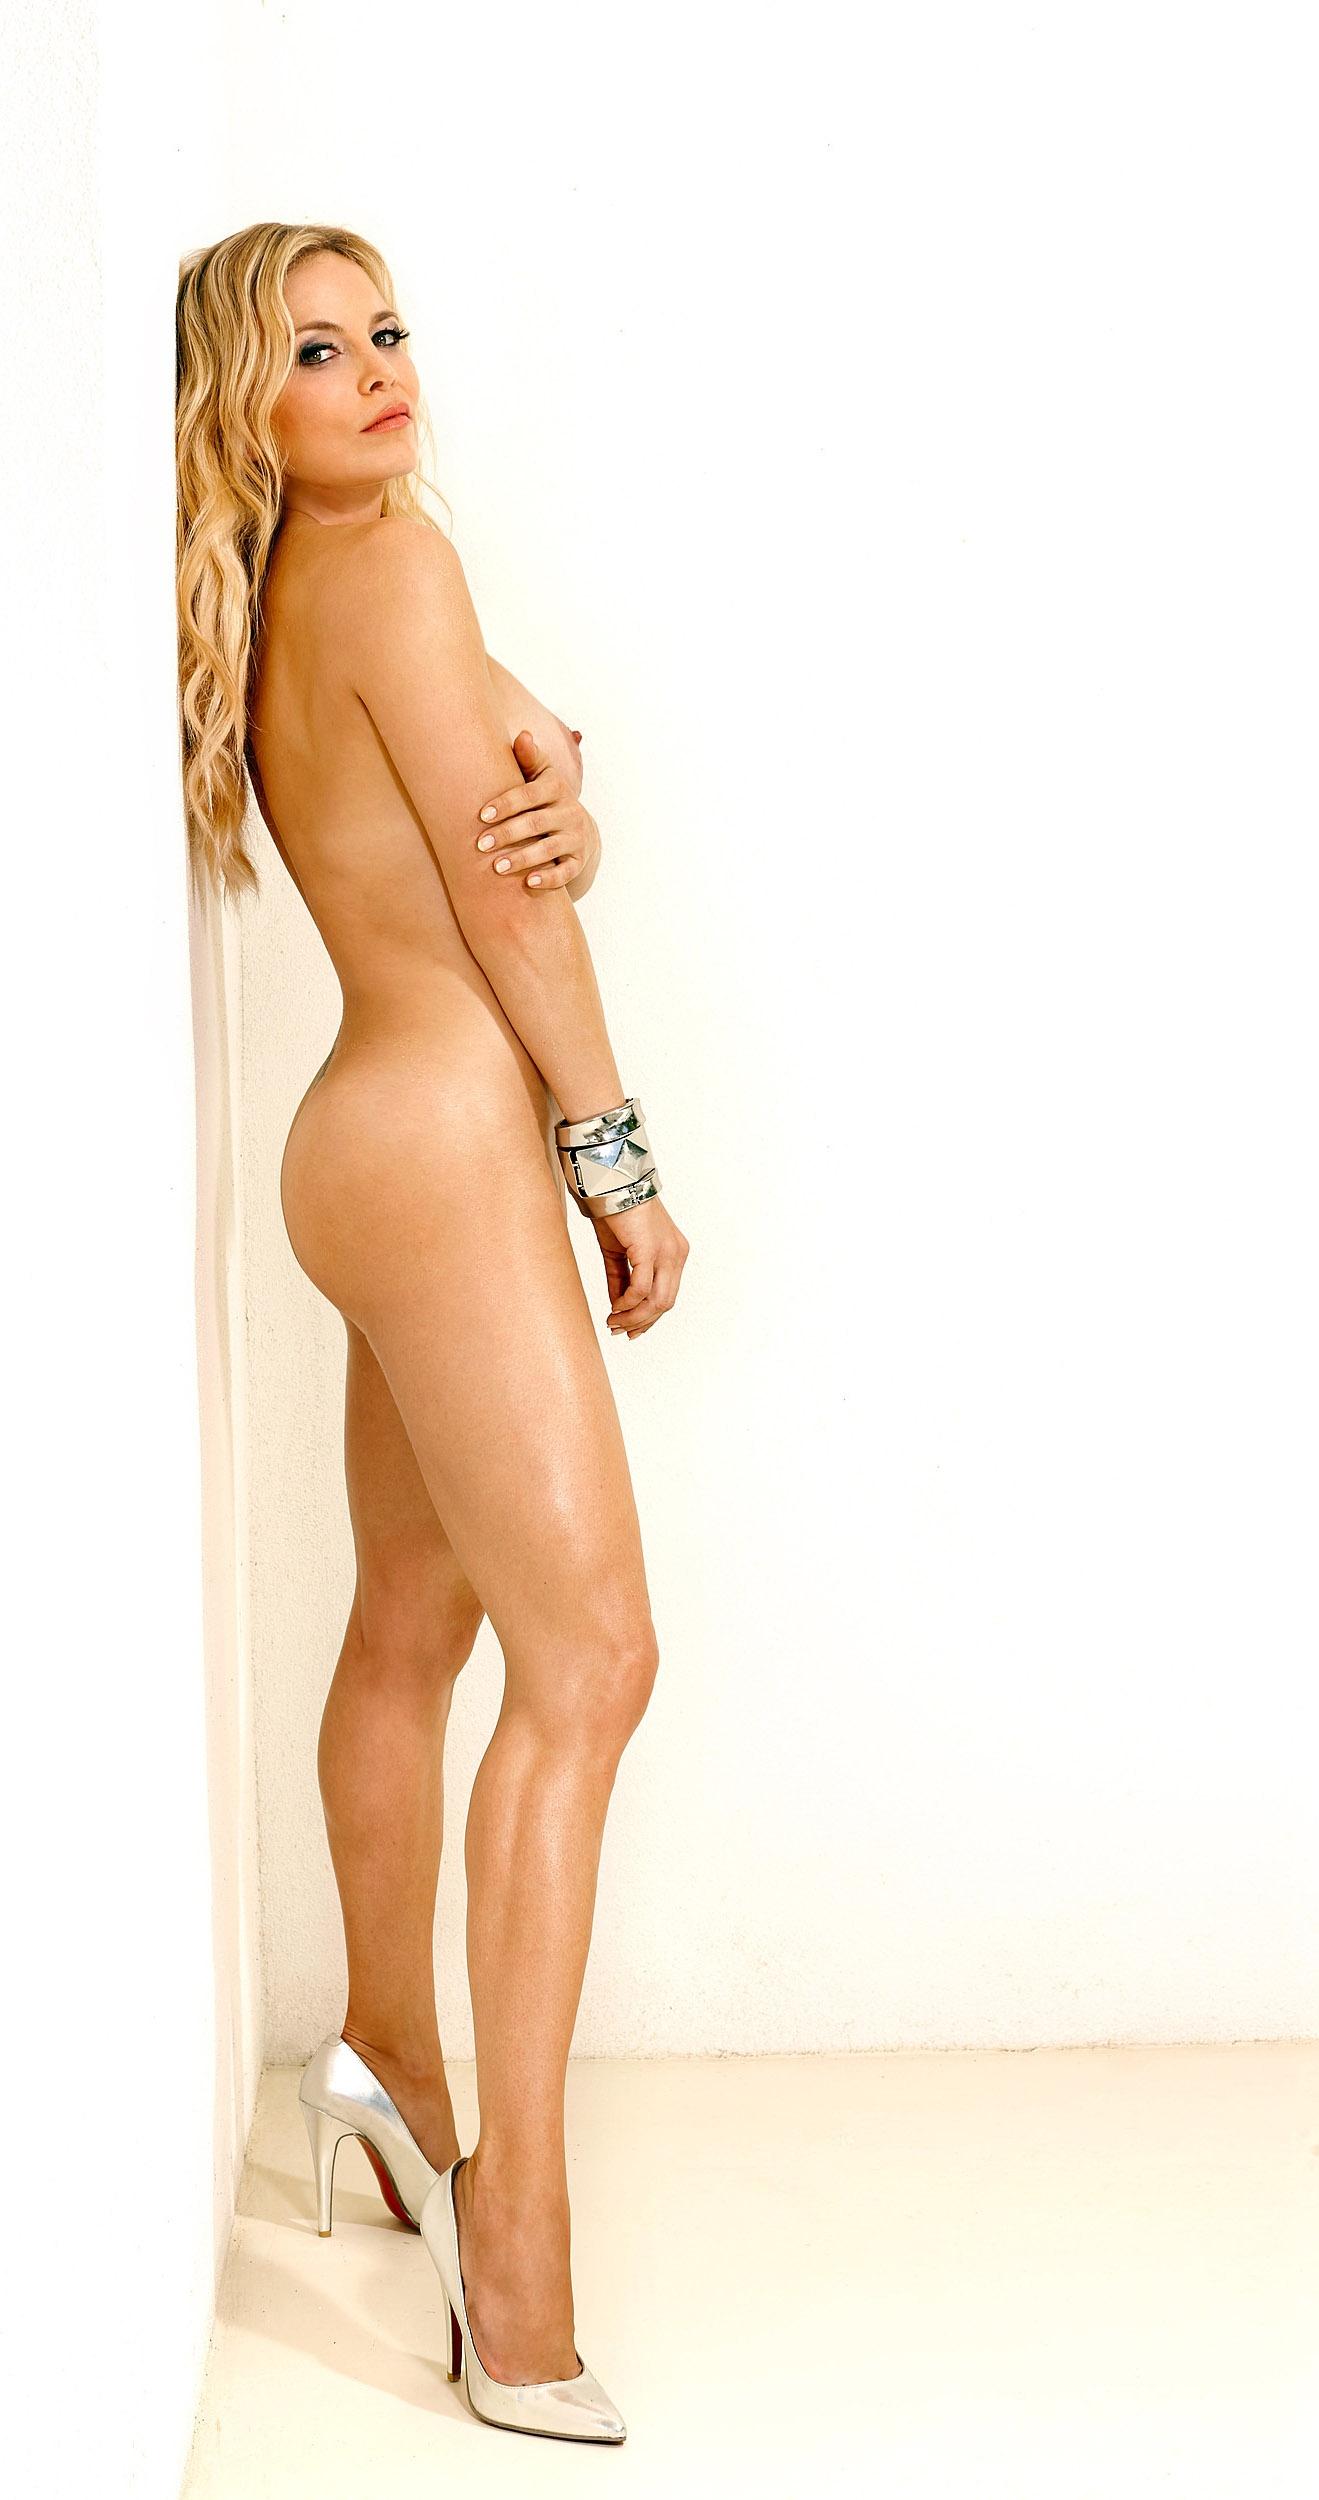 Хальмих Регина голая. Фото - 19